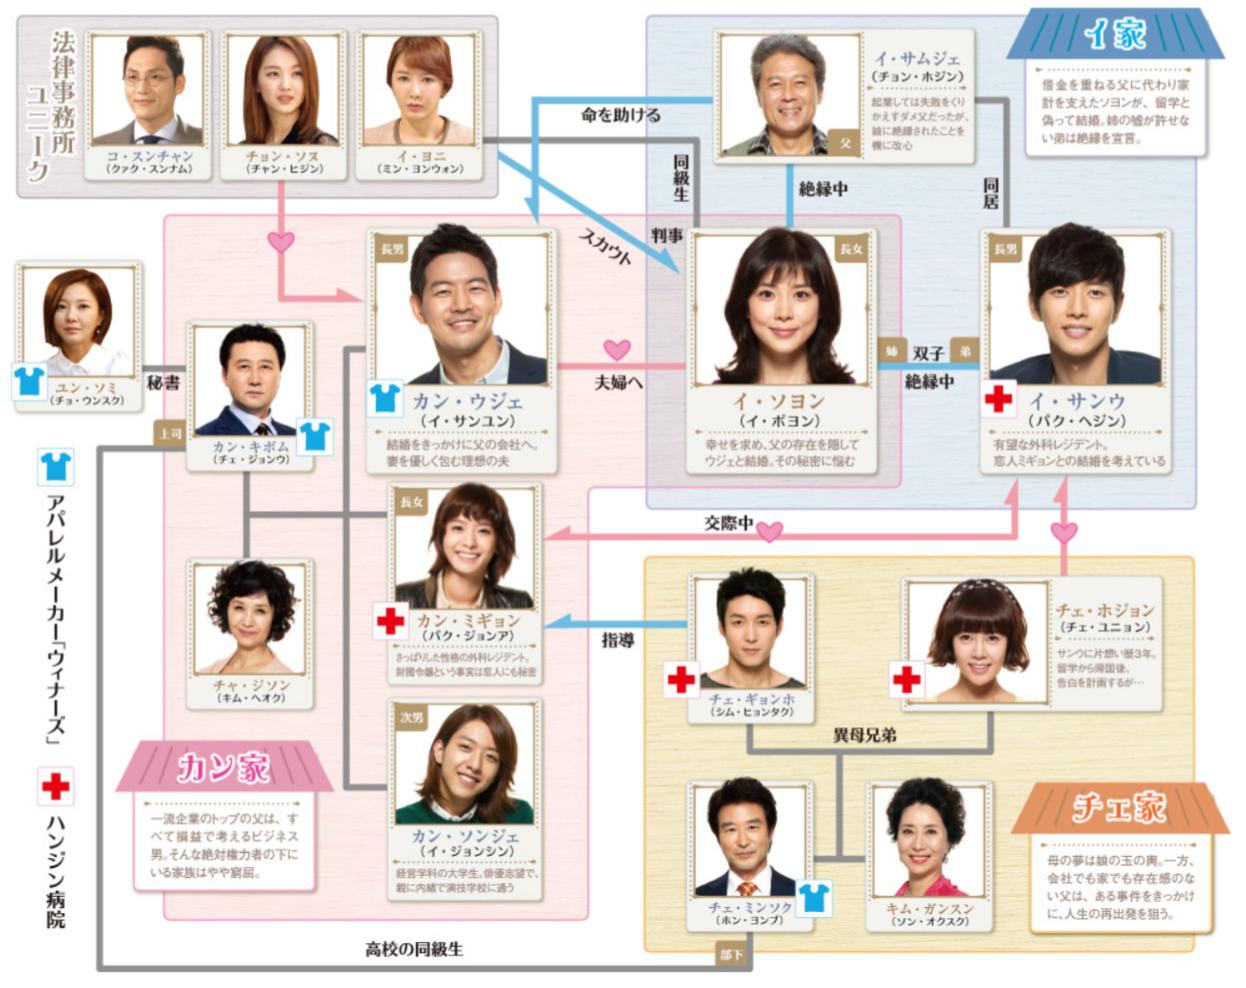 韓国ドラマ「いとしのソヨン」登場人物相関図(関連図)